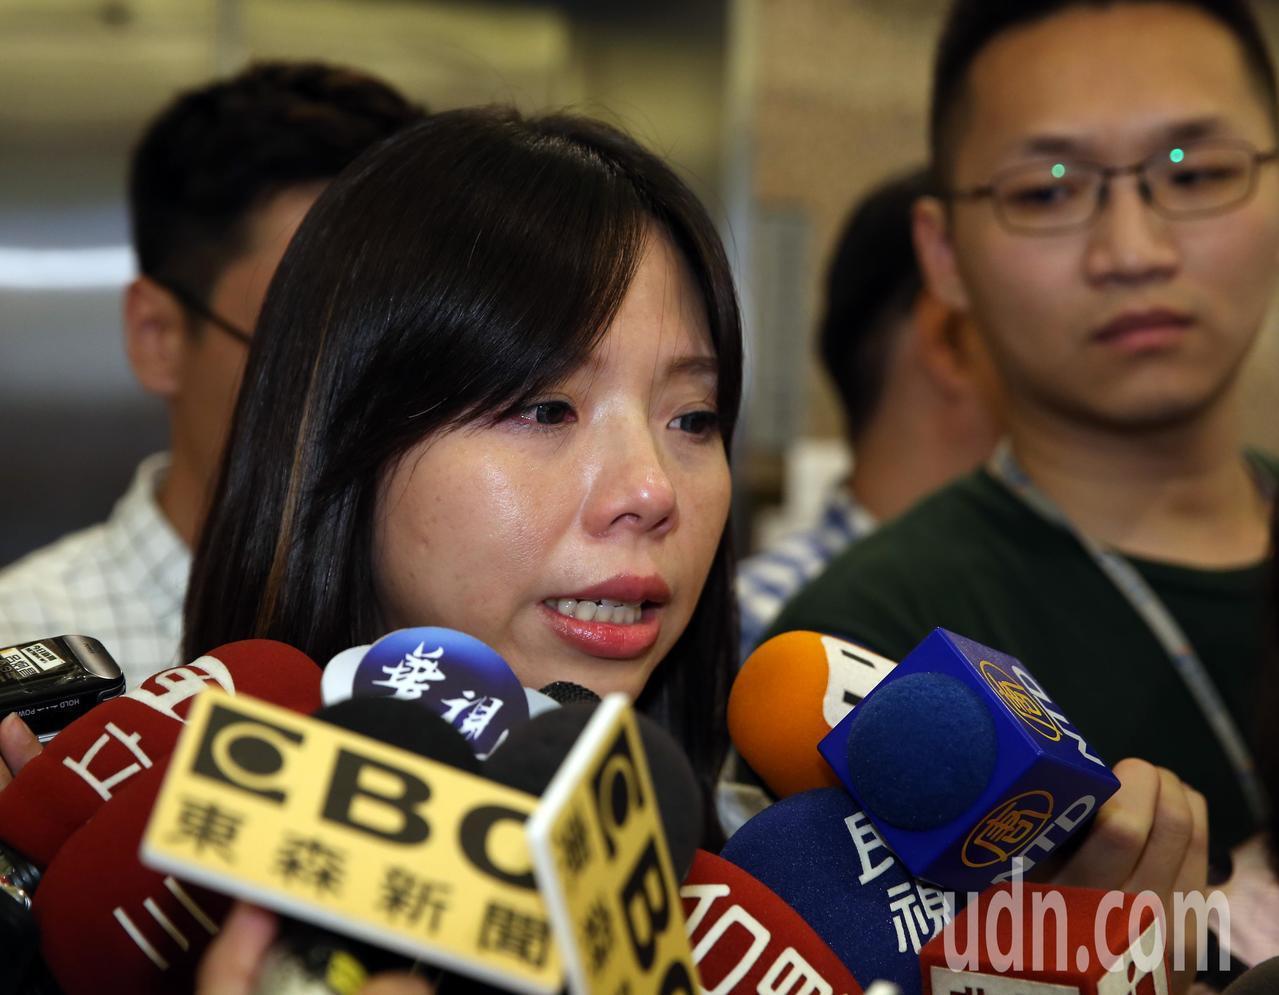 時代力量立委洪慈庸下午宣布退黨,她表示沒有感受到黨內要處理路線分歧的問題,她退黨...